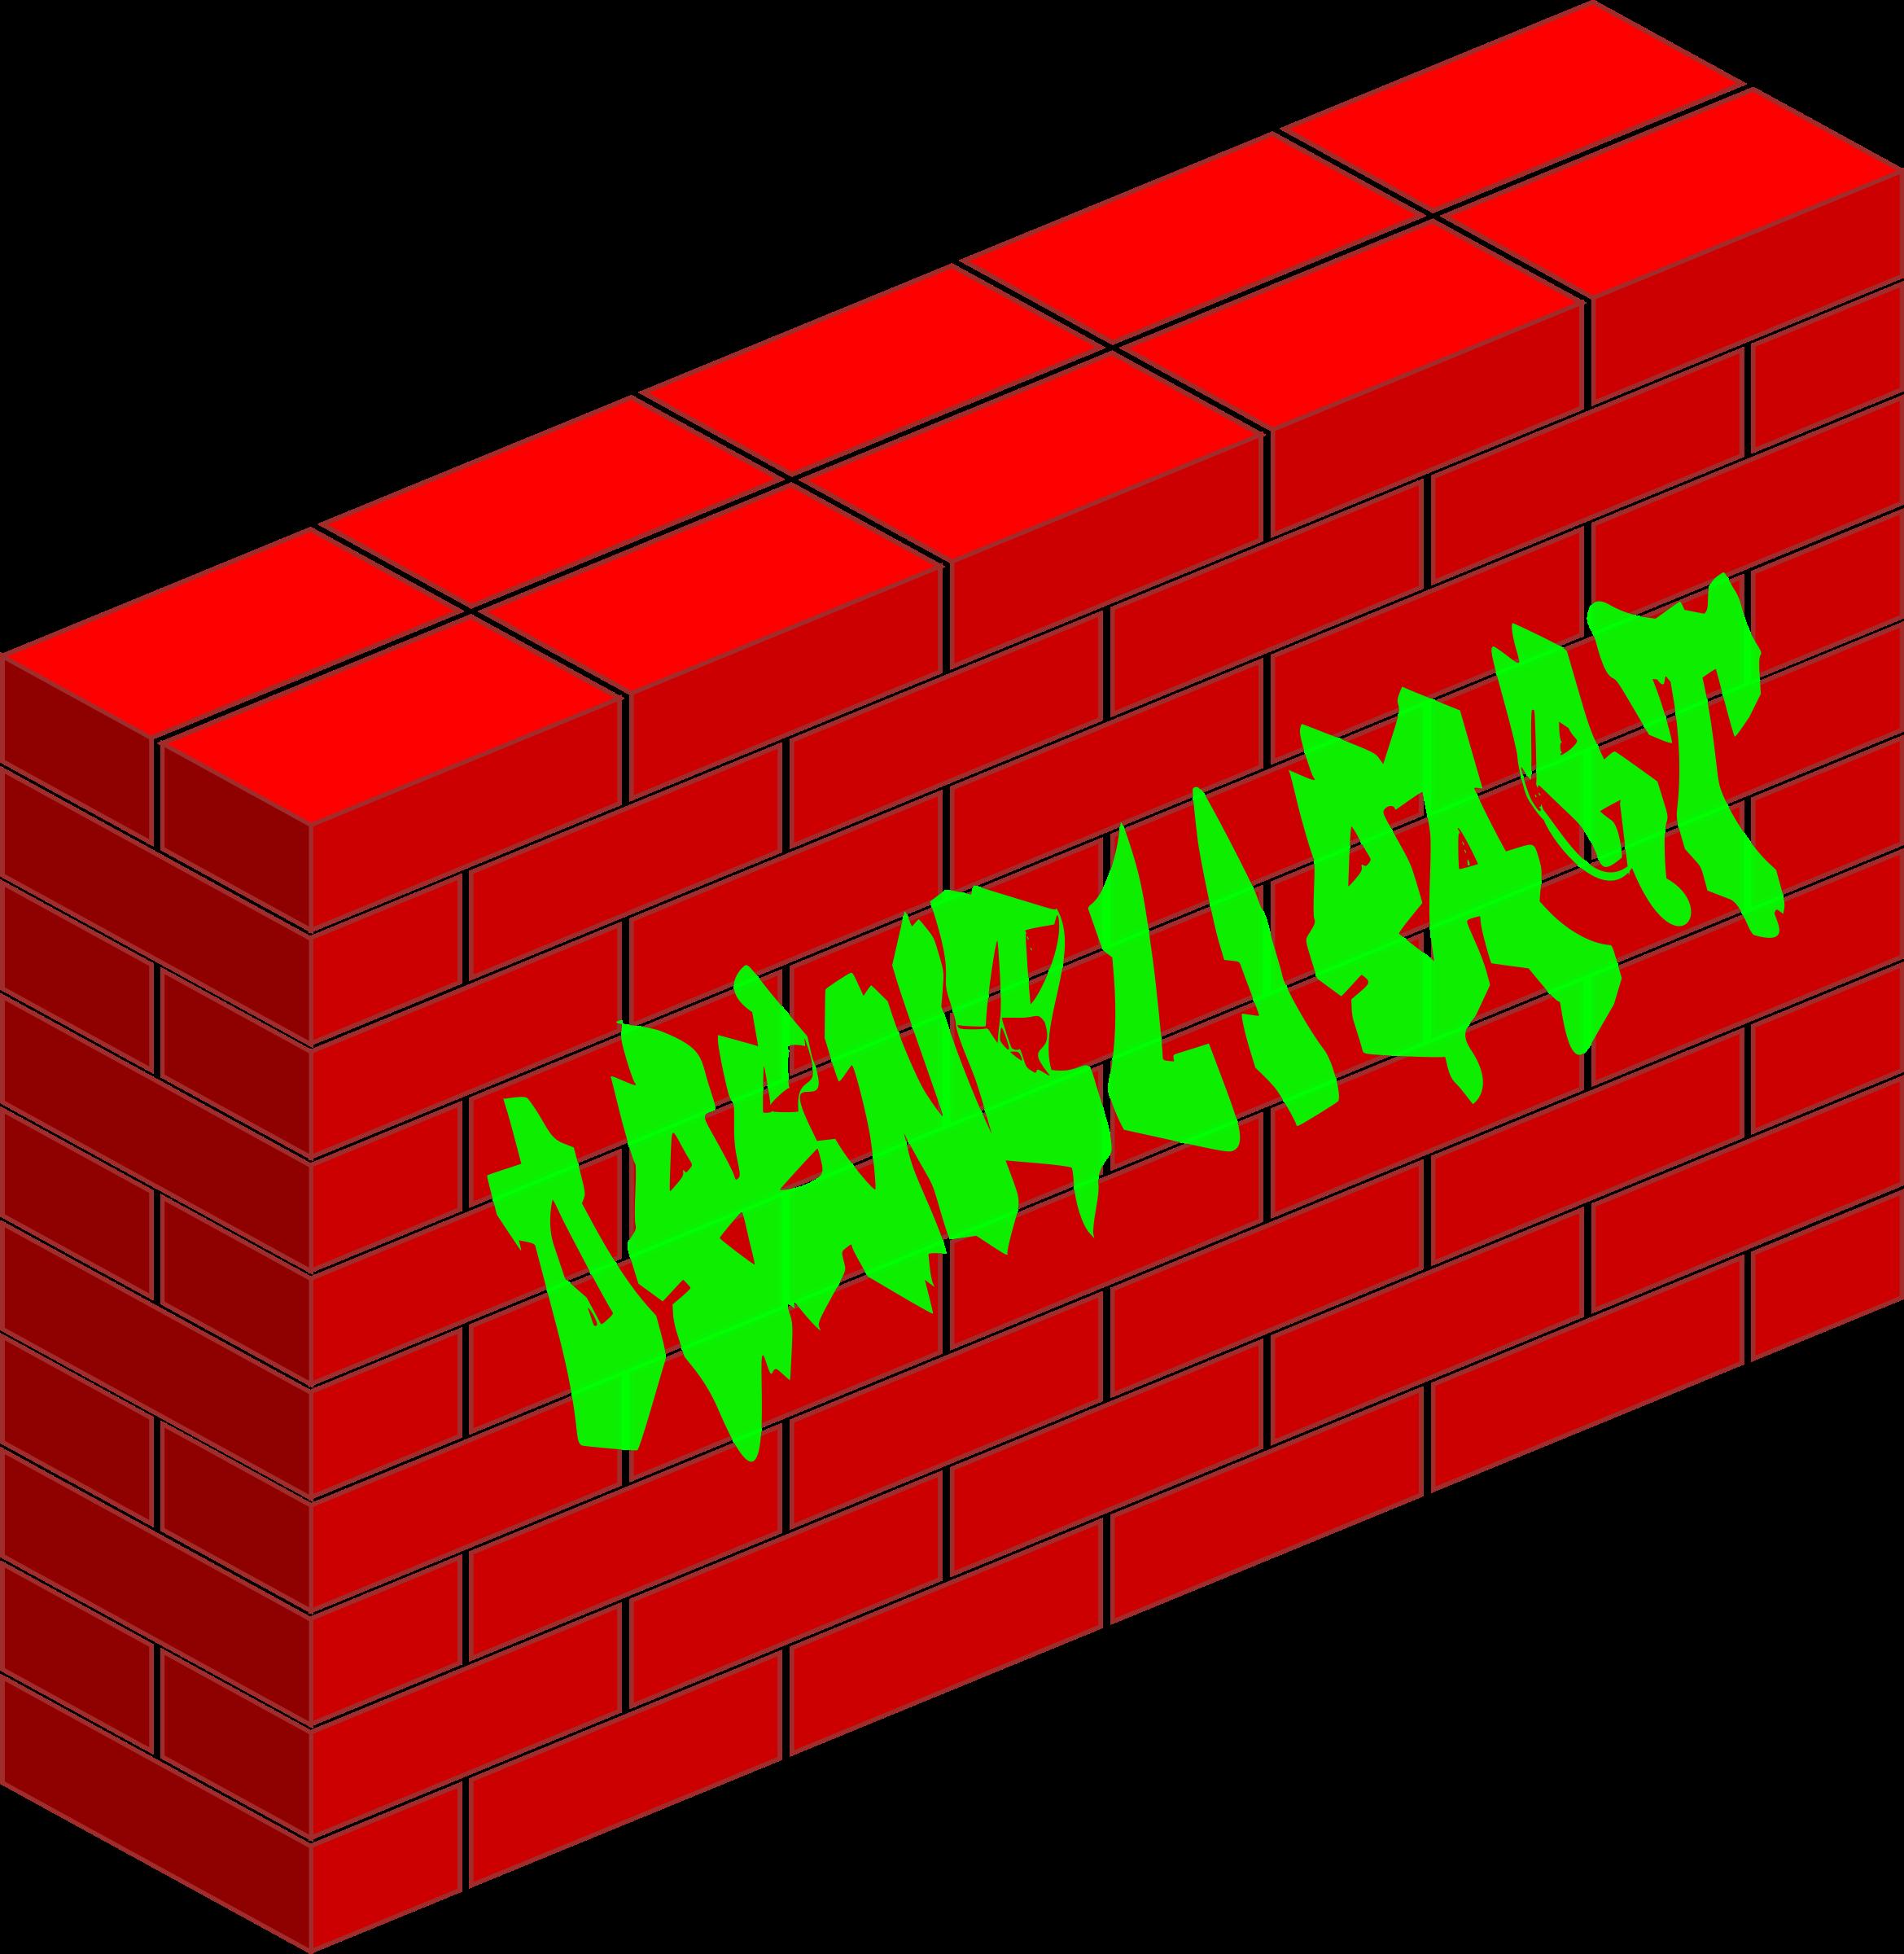 Big image png. Graffiti clipart brick wall